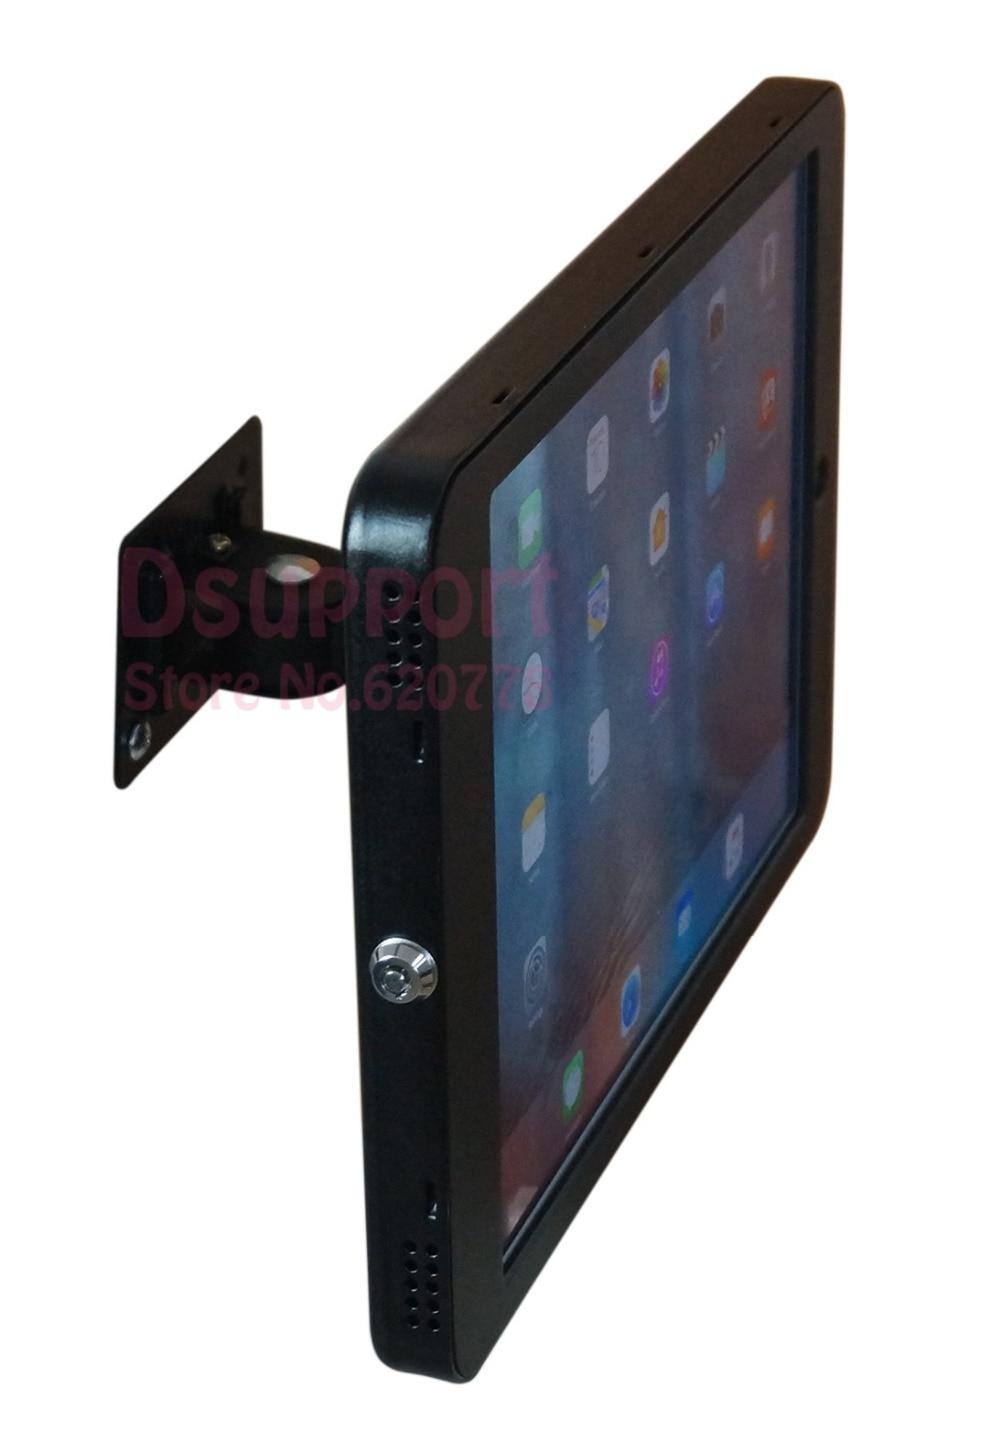 Wykonany na zamówienie uchwyt na stojak na tablet naścienny anty-złodziej dla tabletów uniwersalnych o różnym rozmiarze, z blokadą